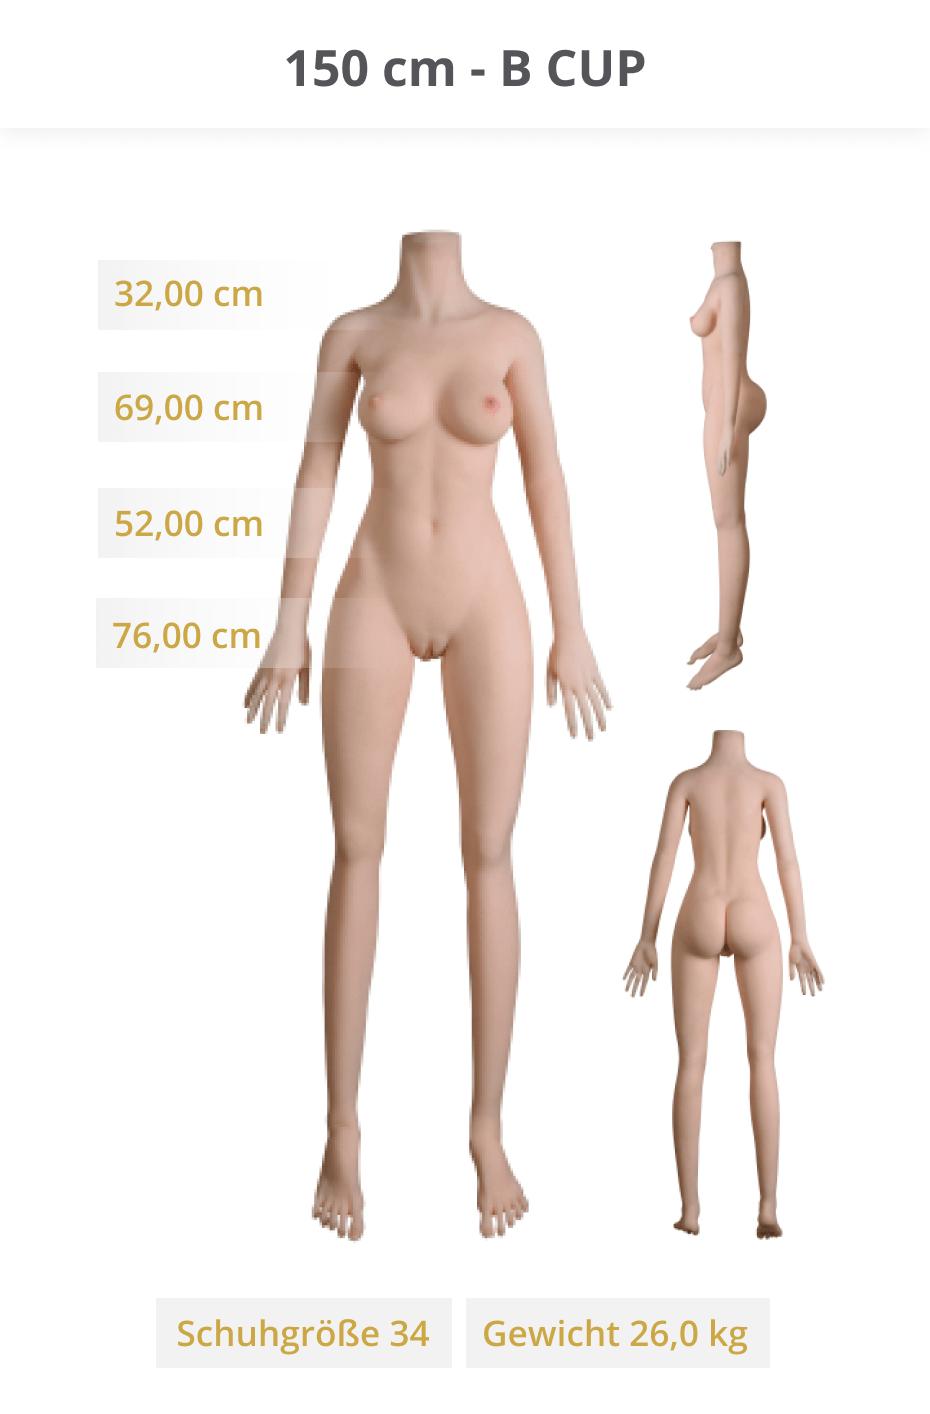 6ye-Dolls-150-cm-B-CUP